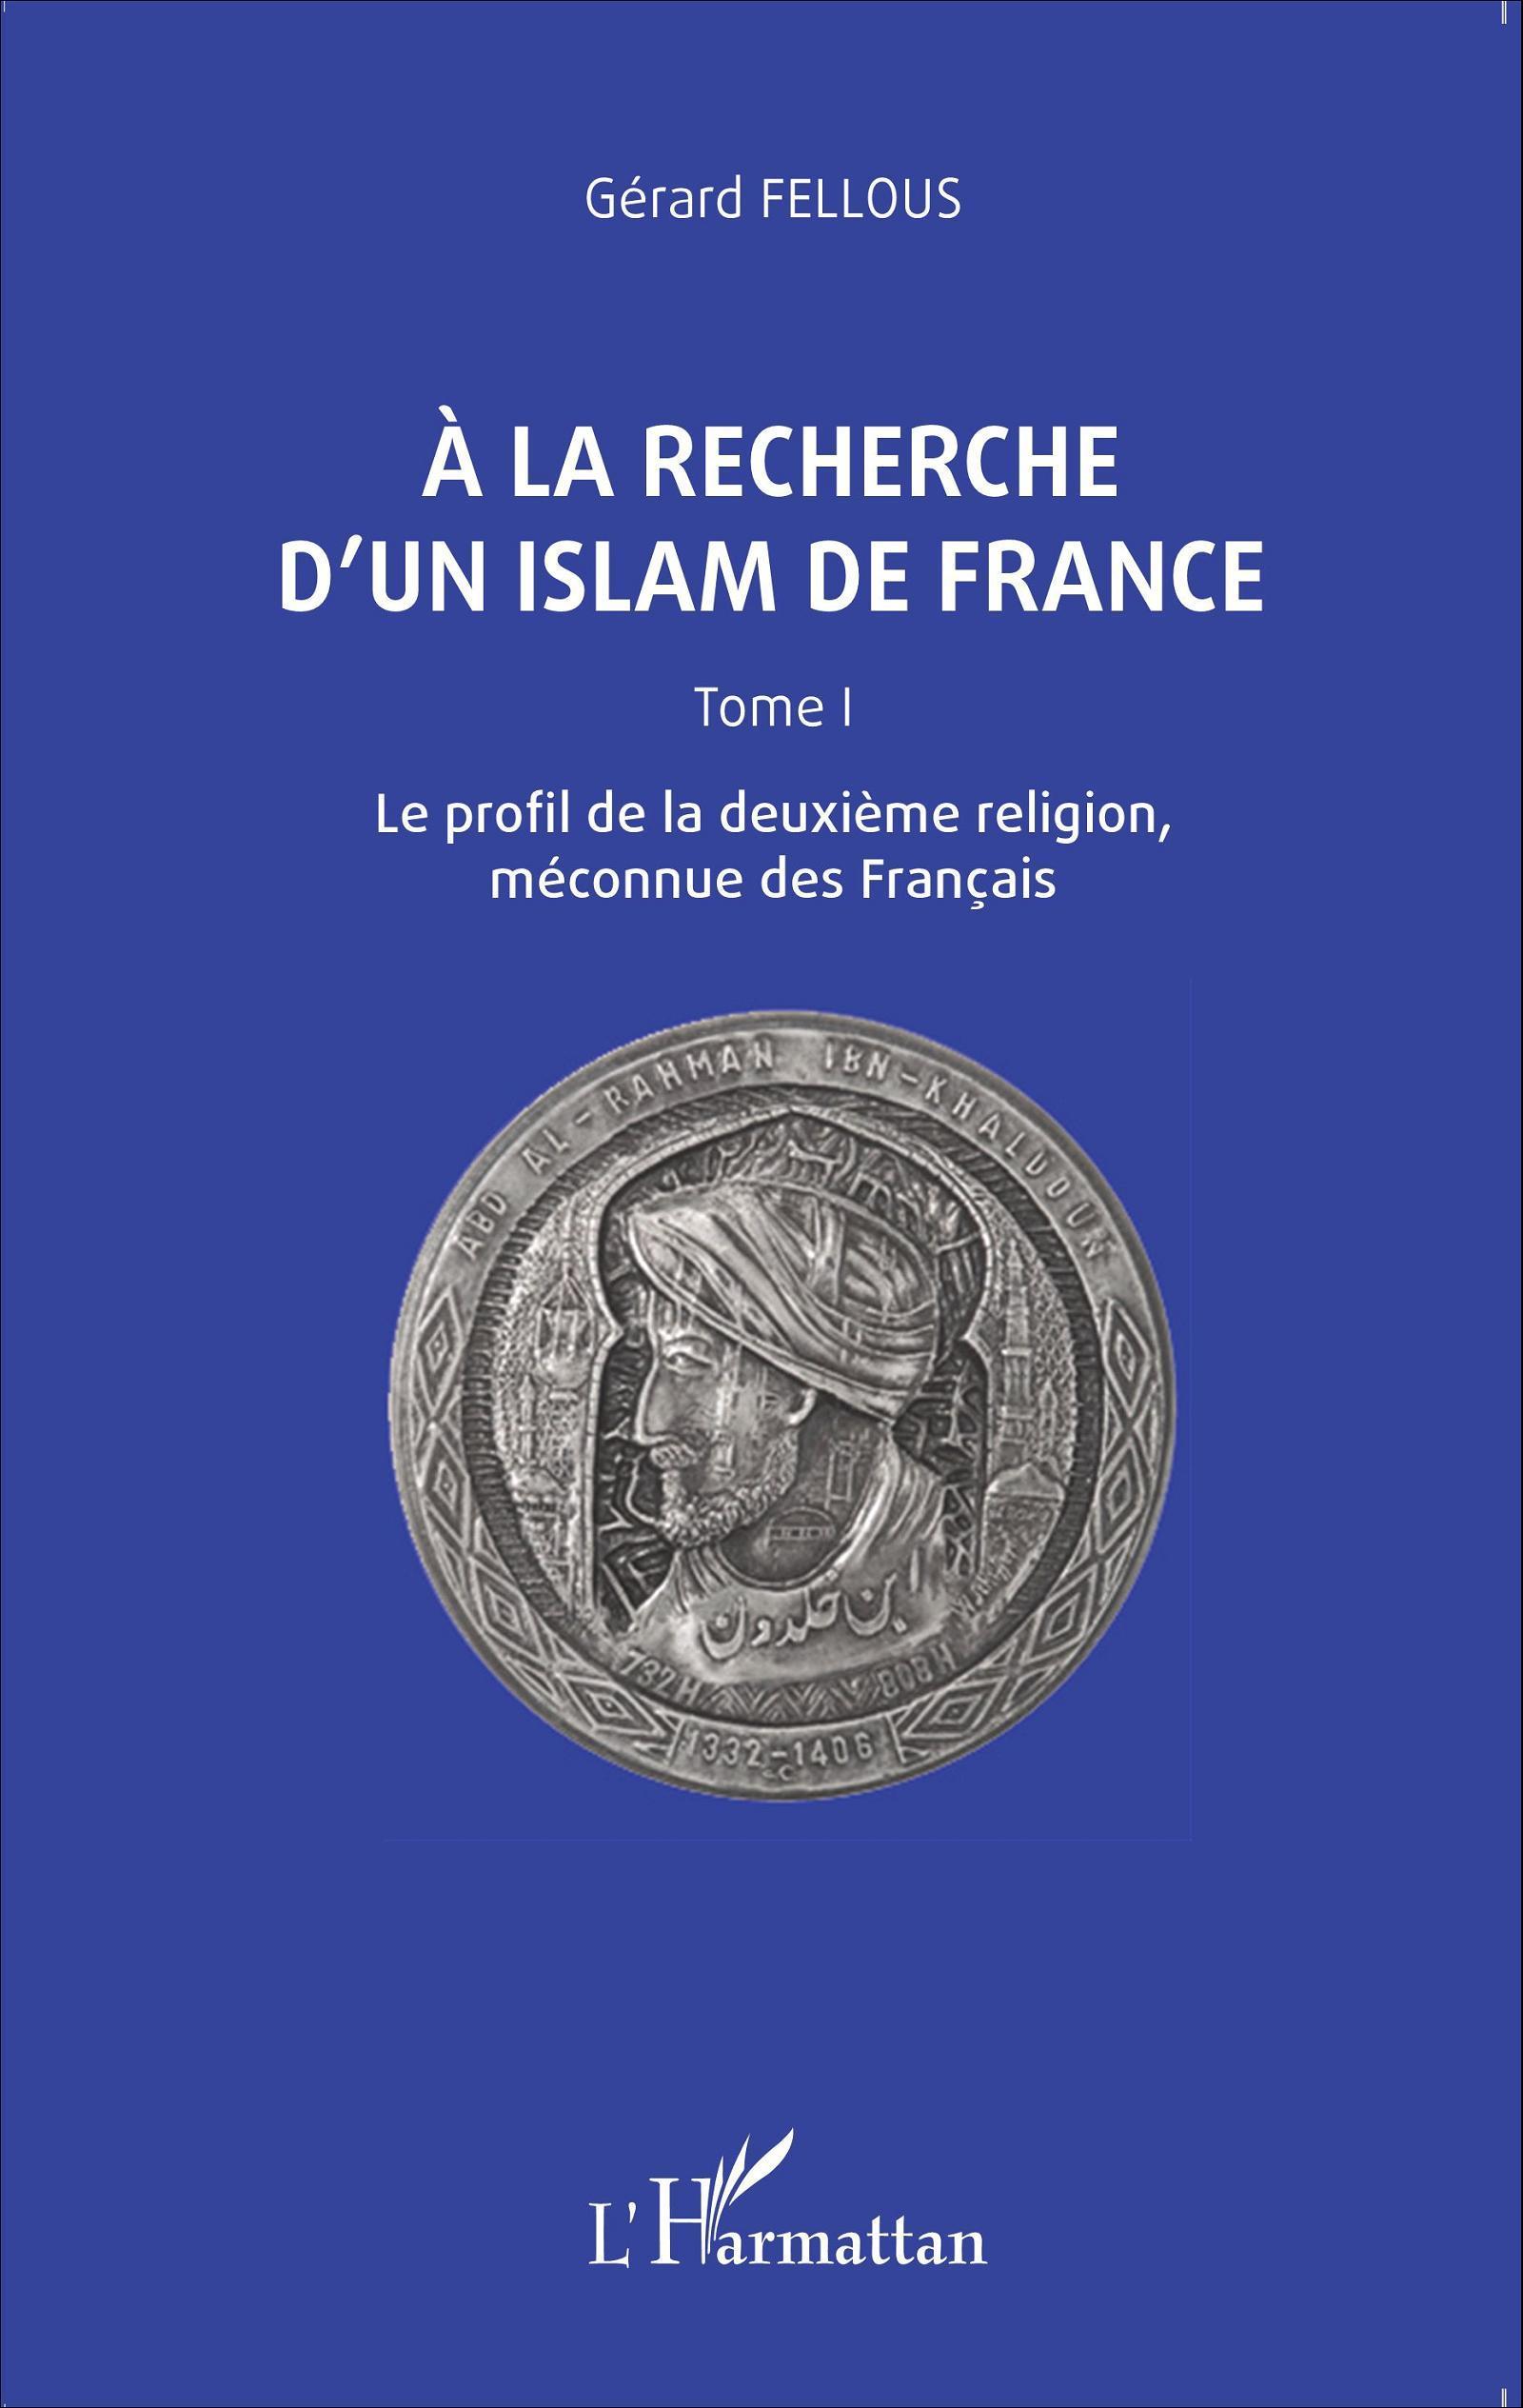 A LA RECHERCHE D'UN ISLAM (T 1) DE FRANCE LE PROFIL DE LA DEUXIEME RELIGION MECONNUE DES FRANCAIS